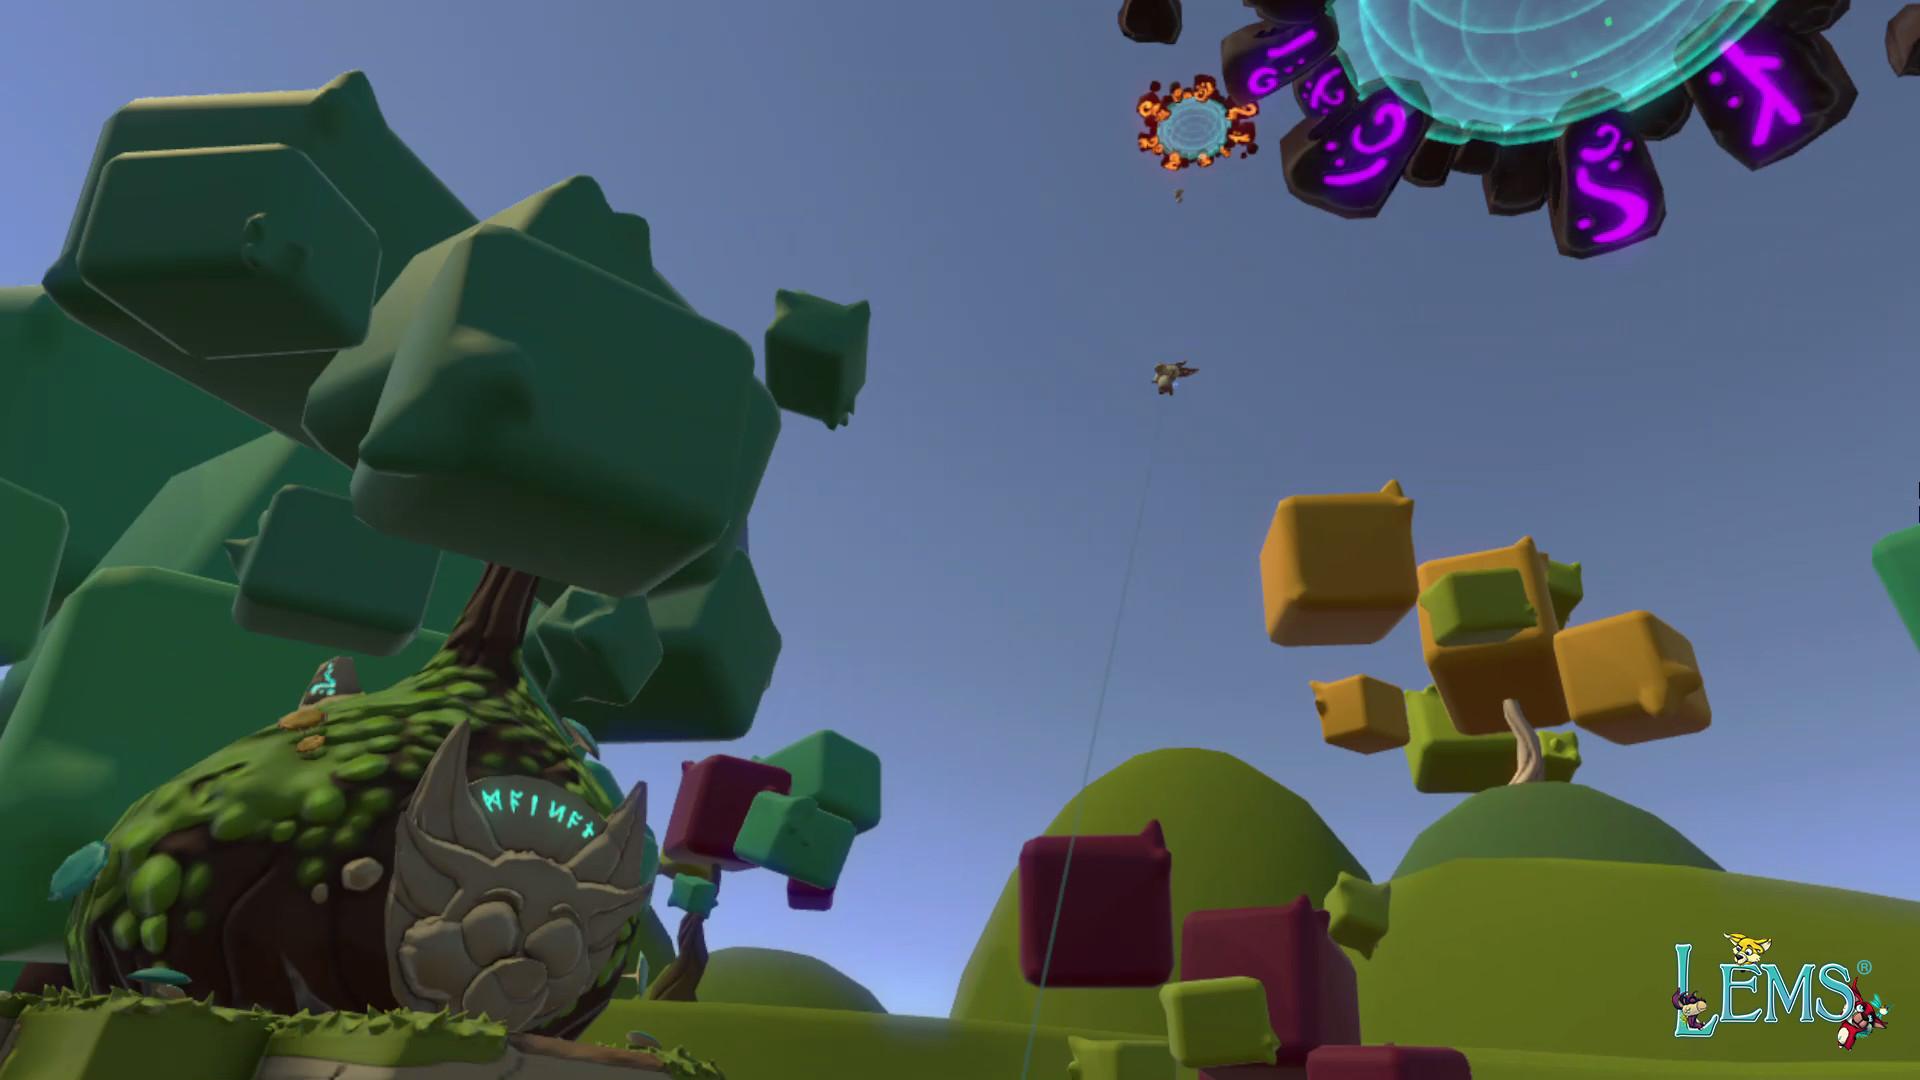 com.steam.870090-screenshot